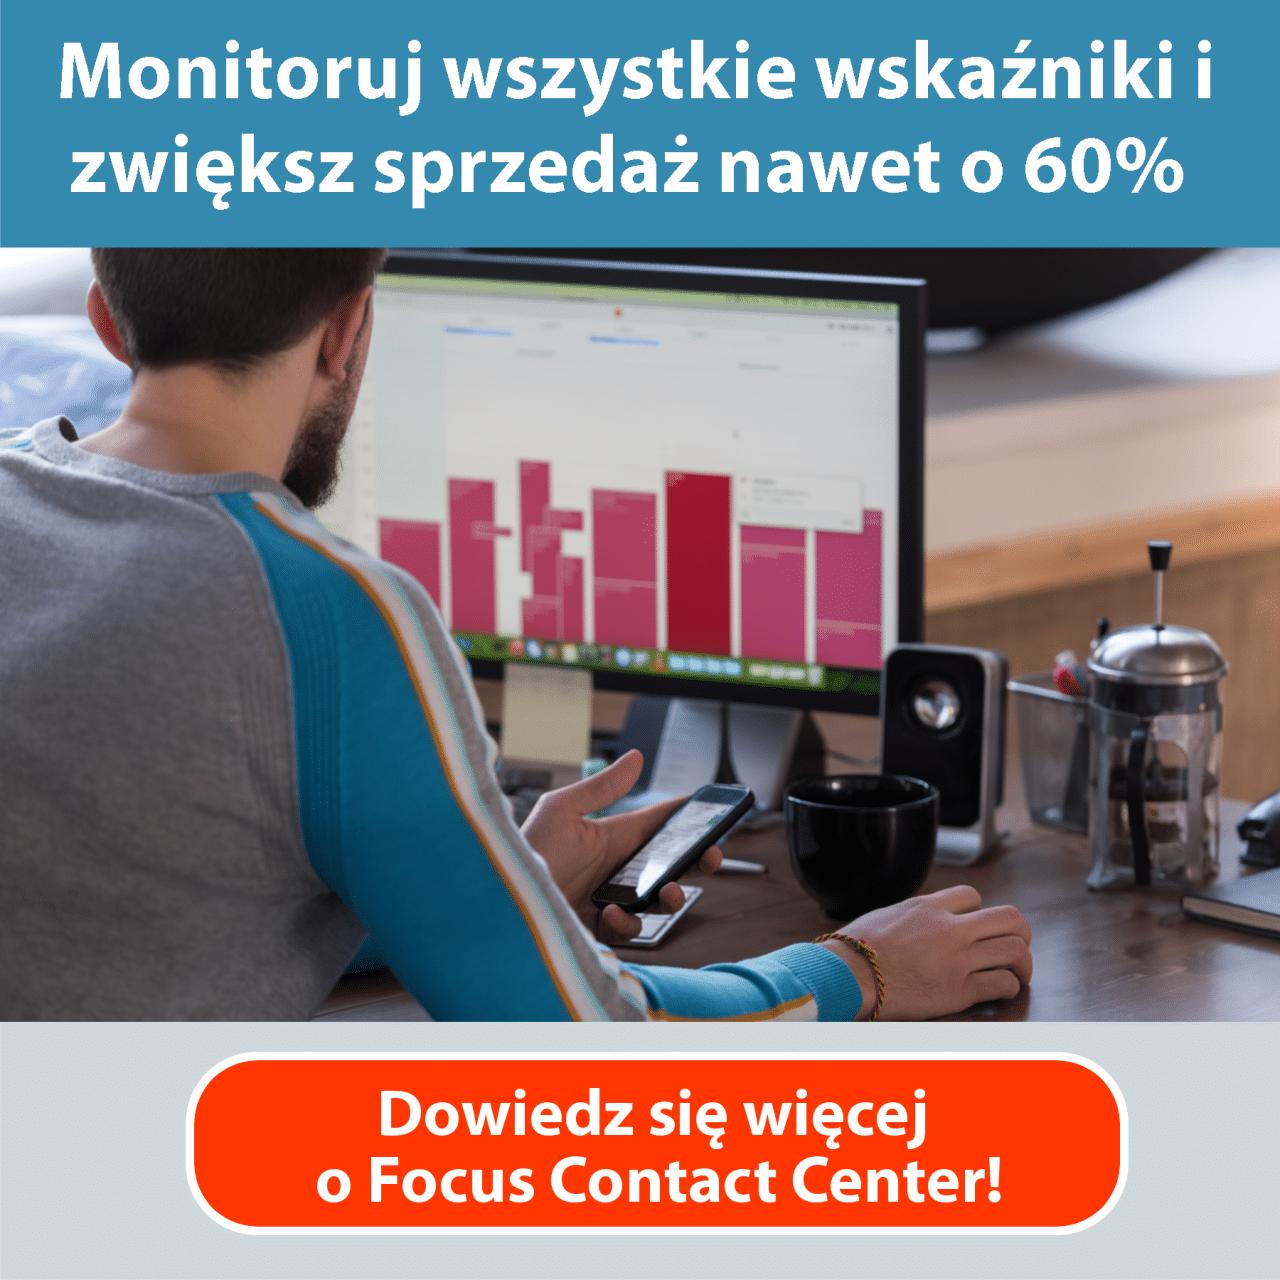 Grywalizacja w contact center - sprzedawaj o 60% więcej!